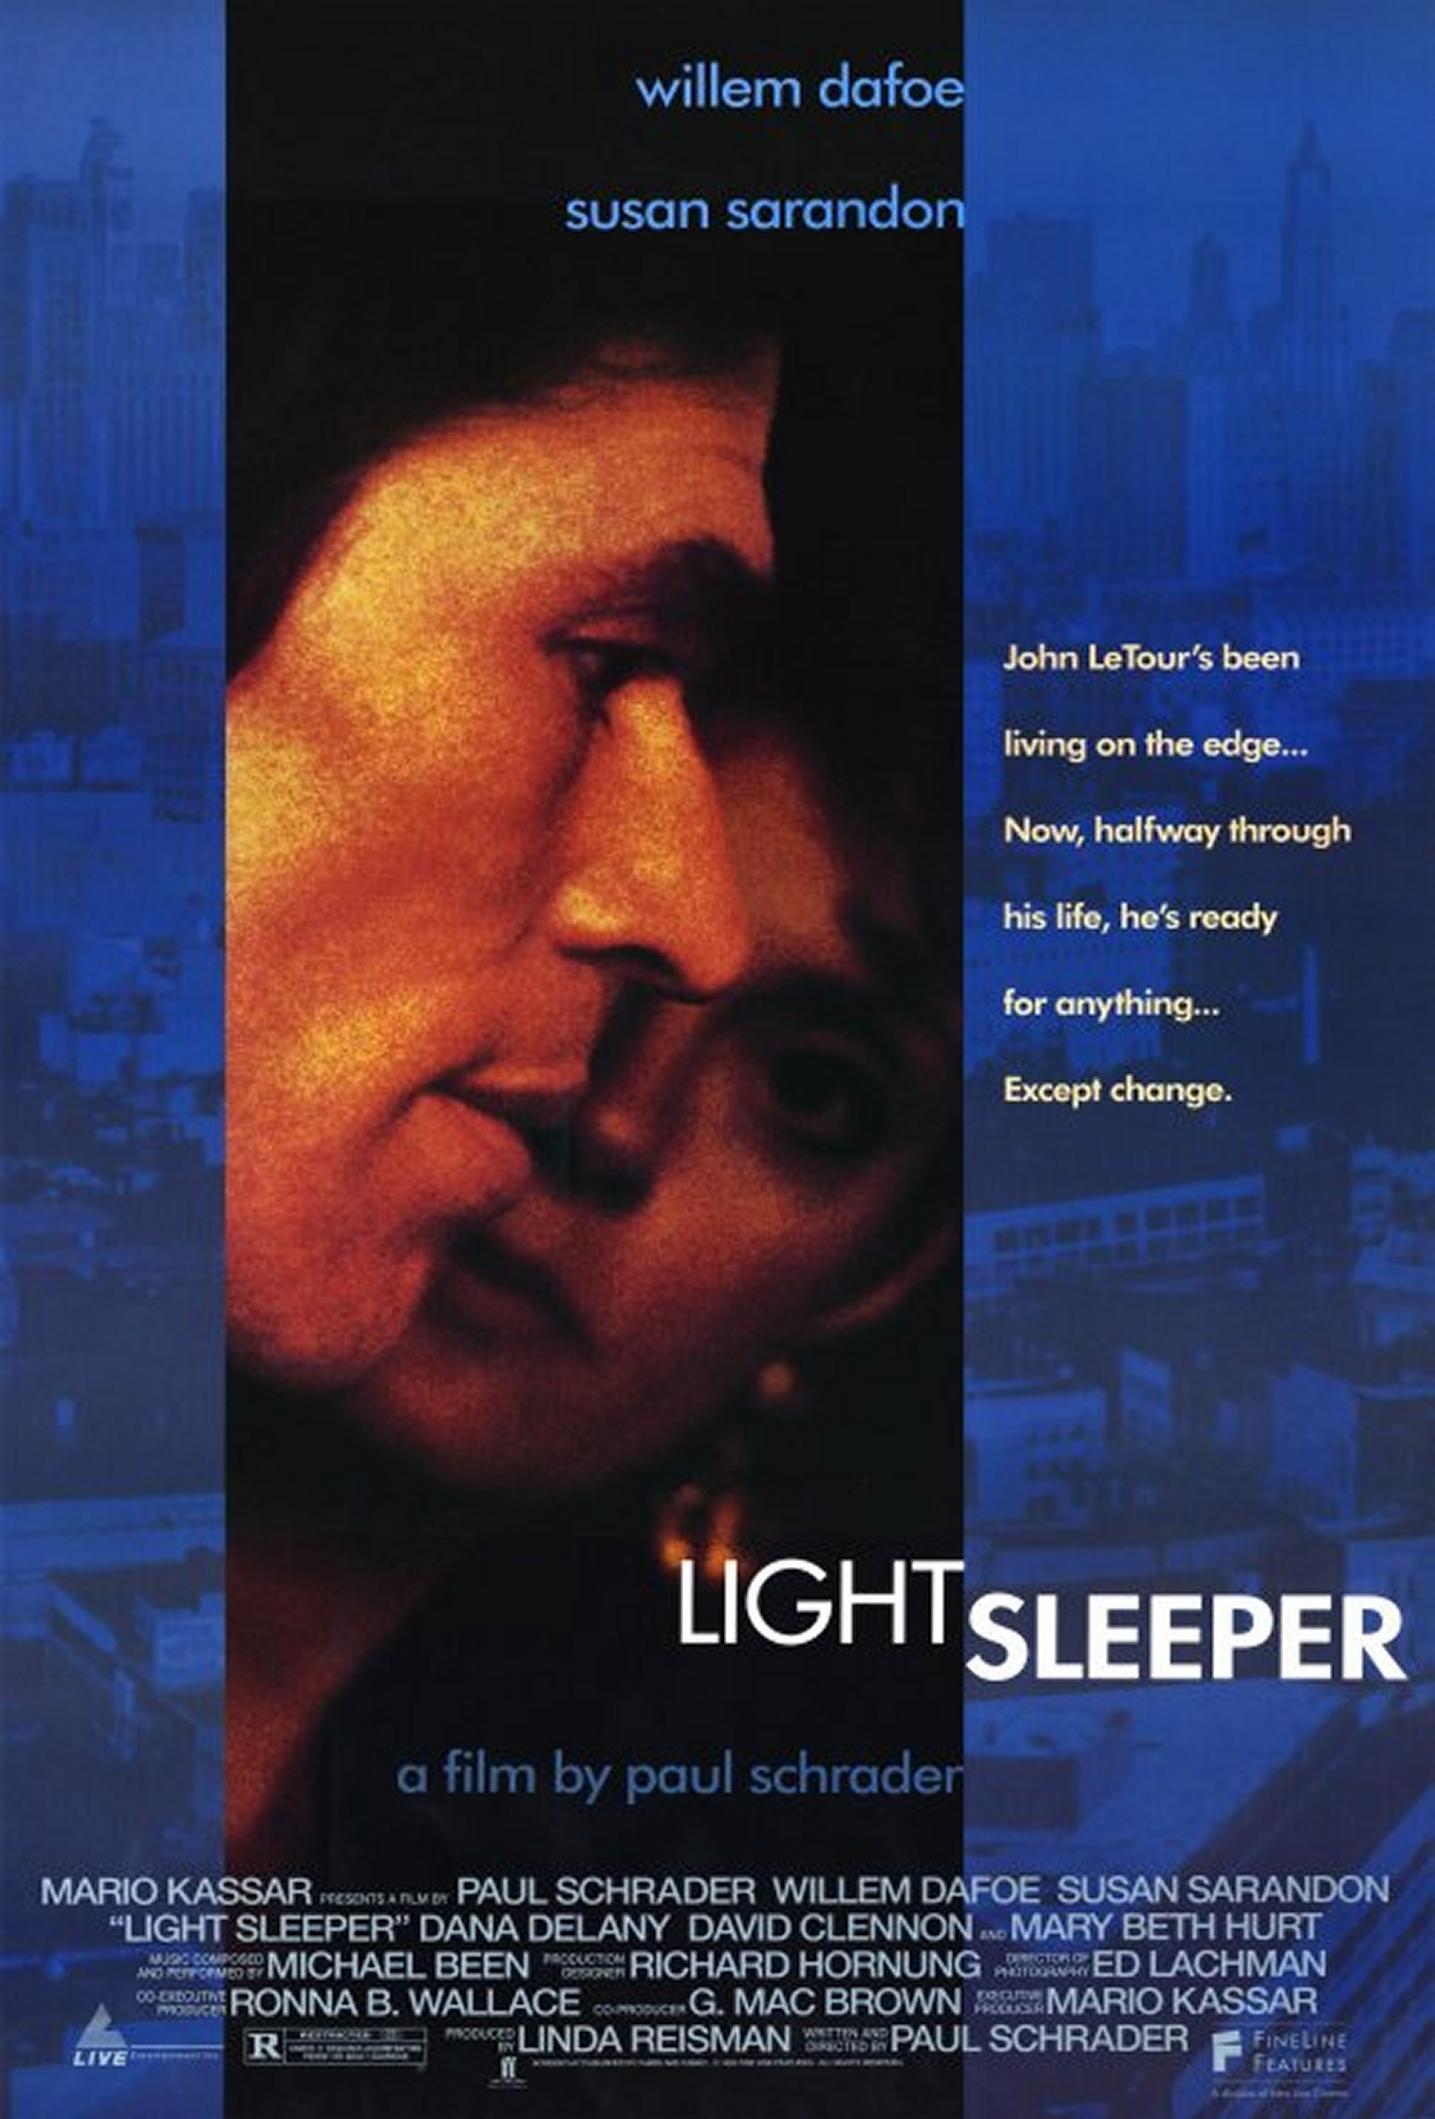 ポール・シュレイダー監督のライト・スリーパーという映画